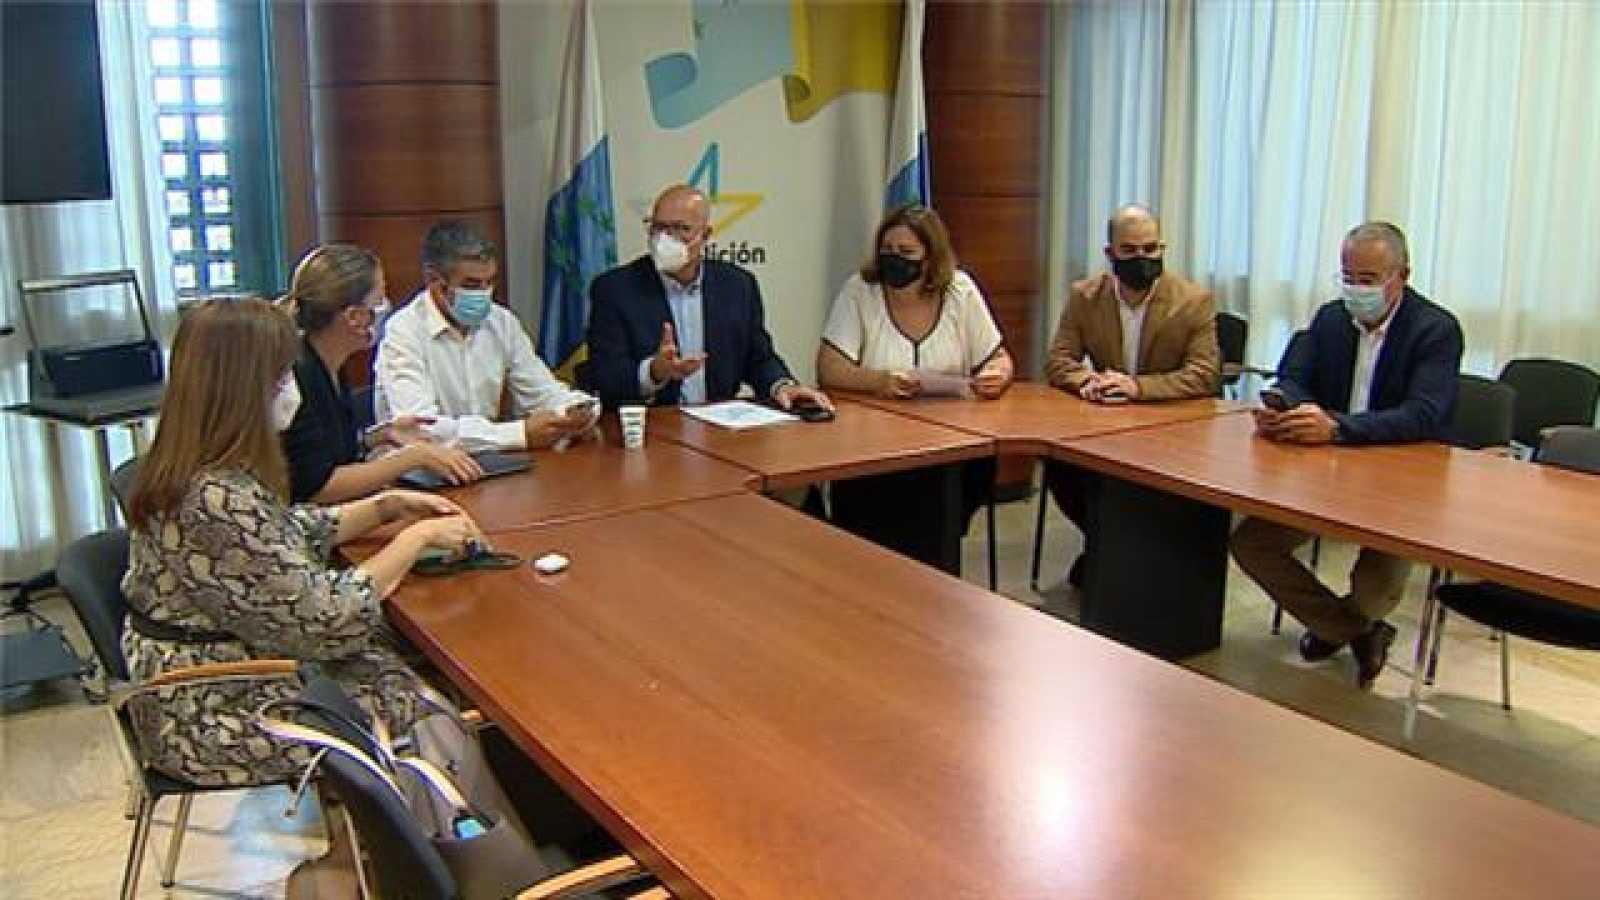 Deportes Canarias - 23/09/2020